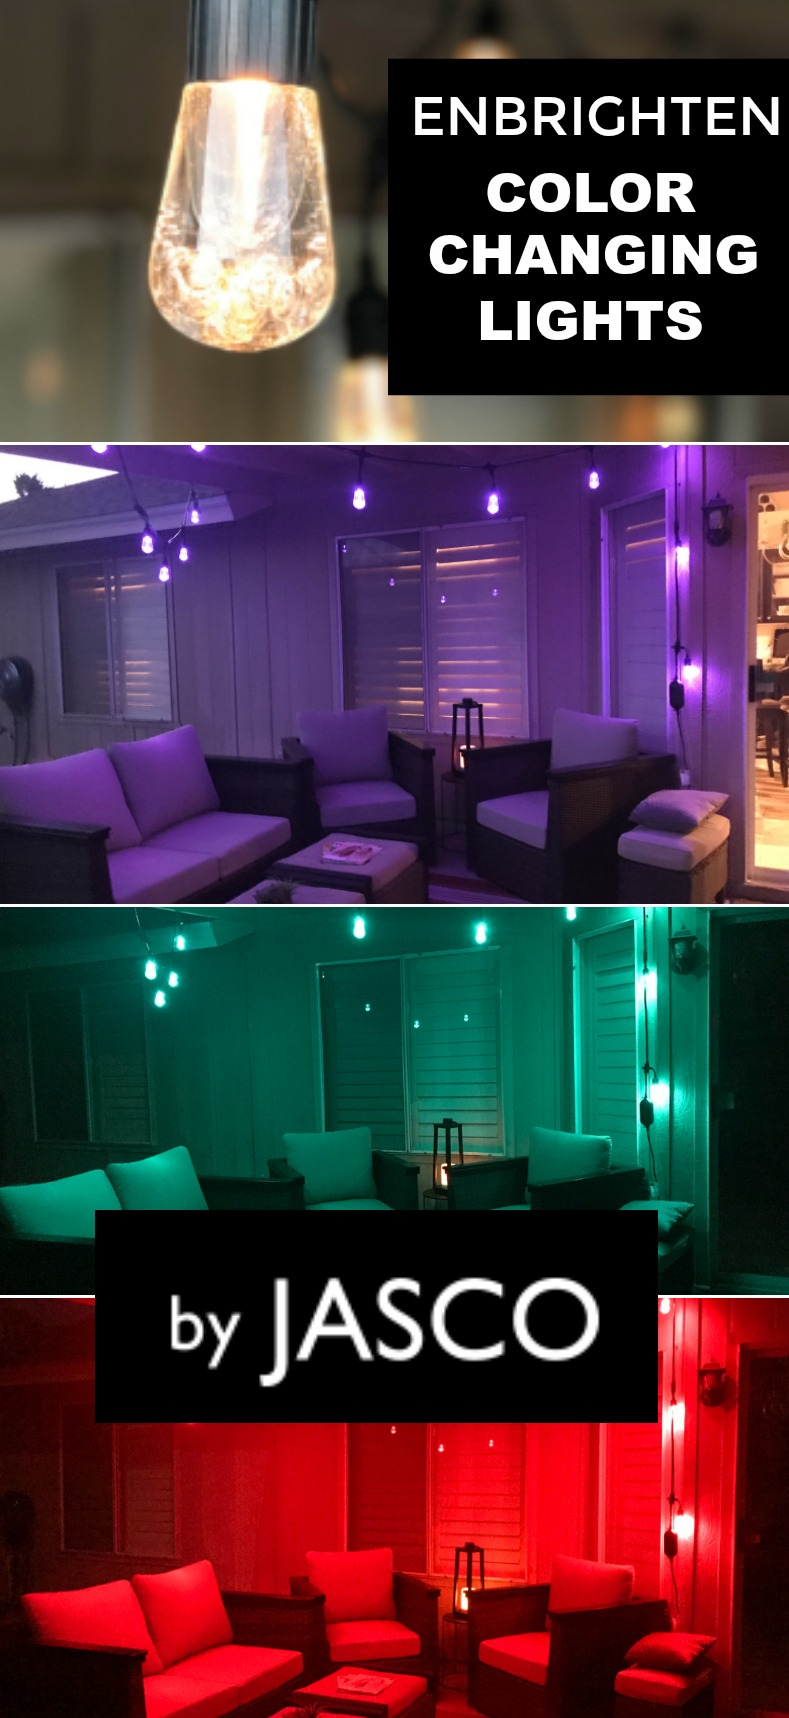 Jasco's Enbrighten Seasons Color Changing Café Lights